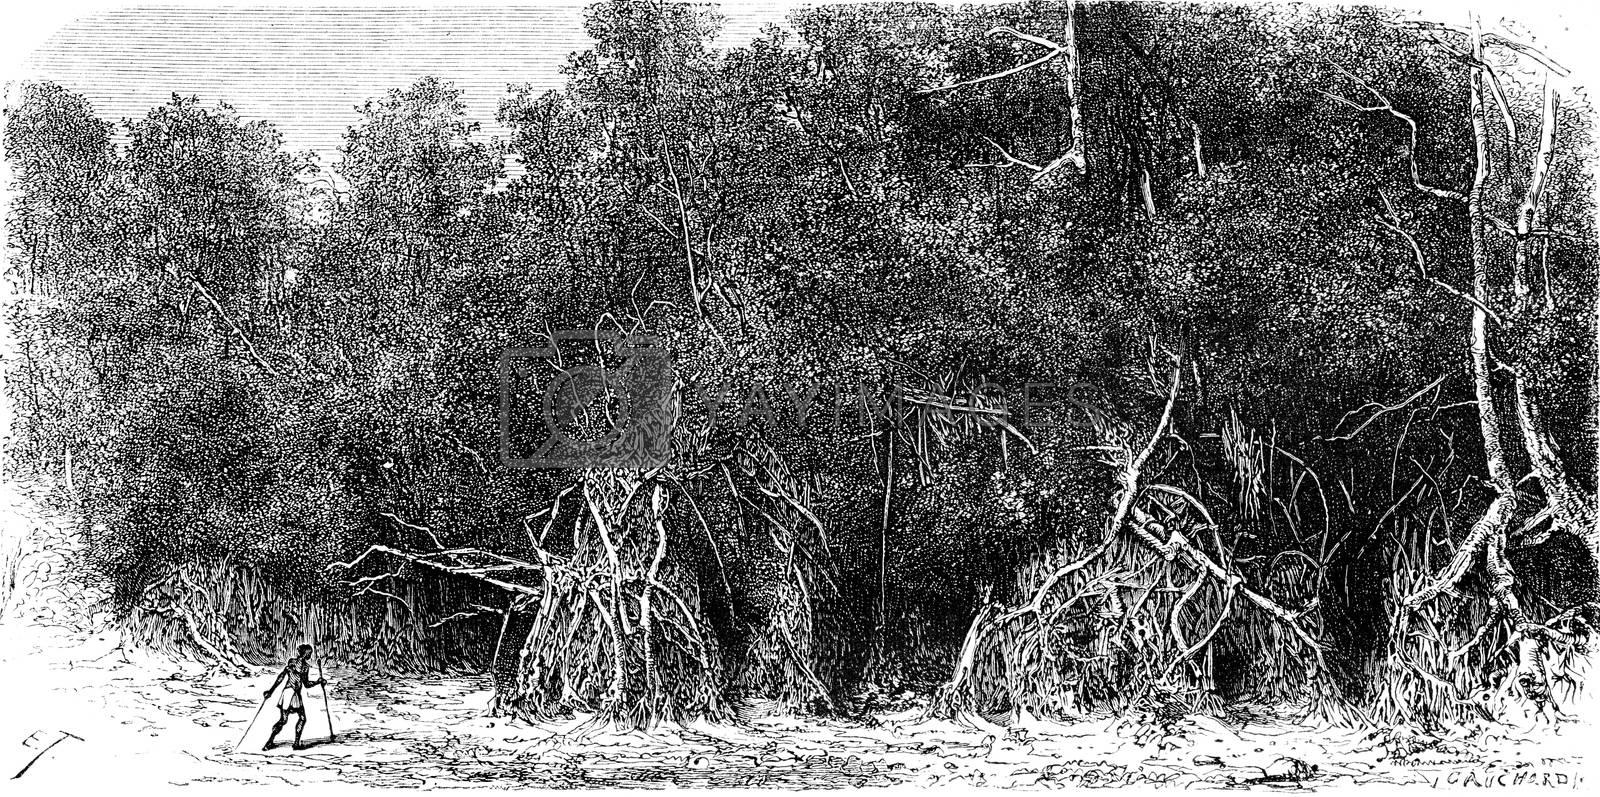 Mangroves equatorial rivers, vintage engraved illustration. Le Tour du Monde, Travel Journal, (1865).